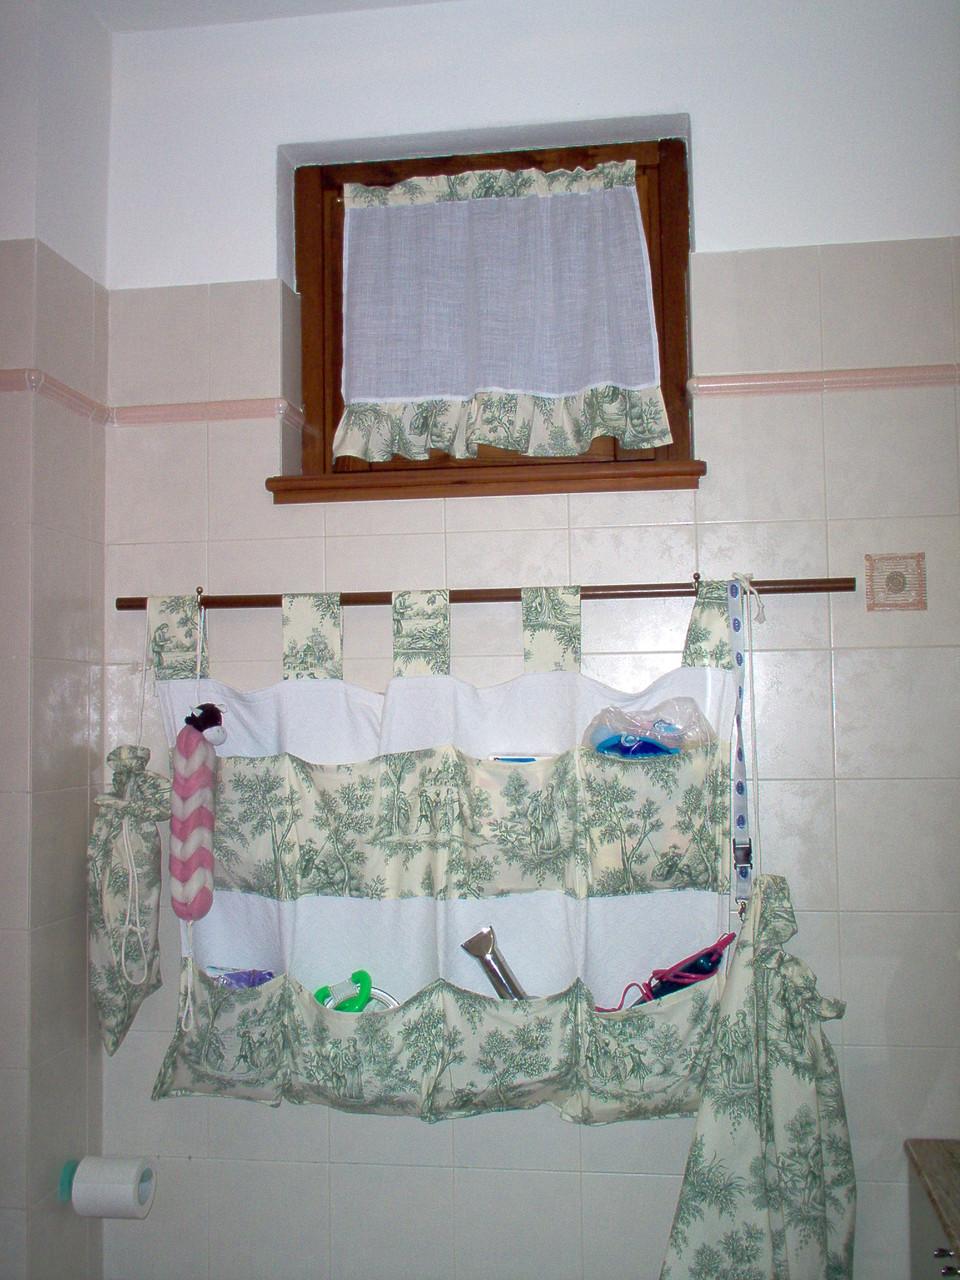 Il pannello porta oggetti è indispensabile per tenere in ordine il bagno. In questo caso abbiamo aggiunto gli utilissimi sacchi per la biancheria e la tenda realizzata in coordinato